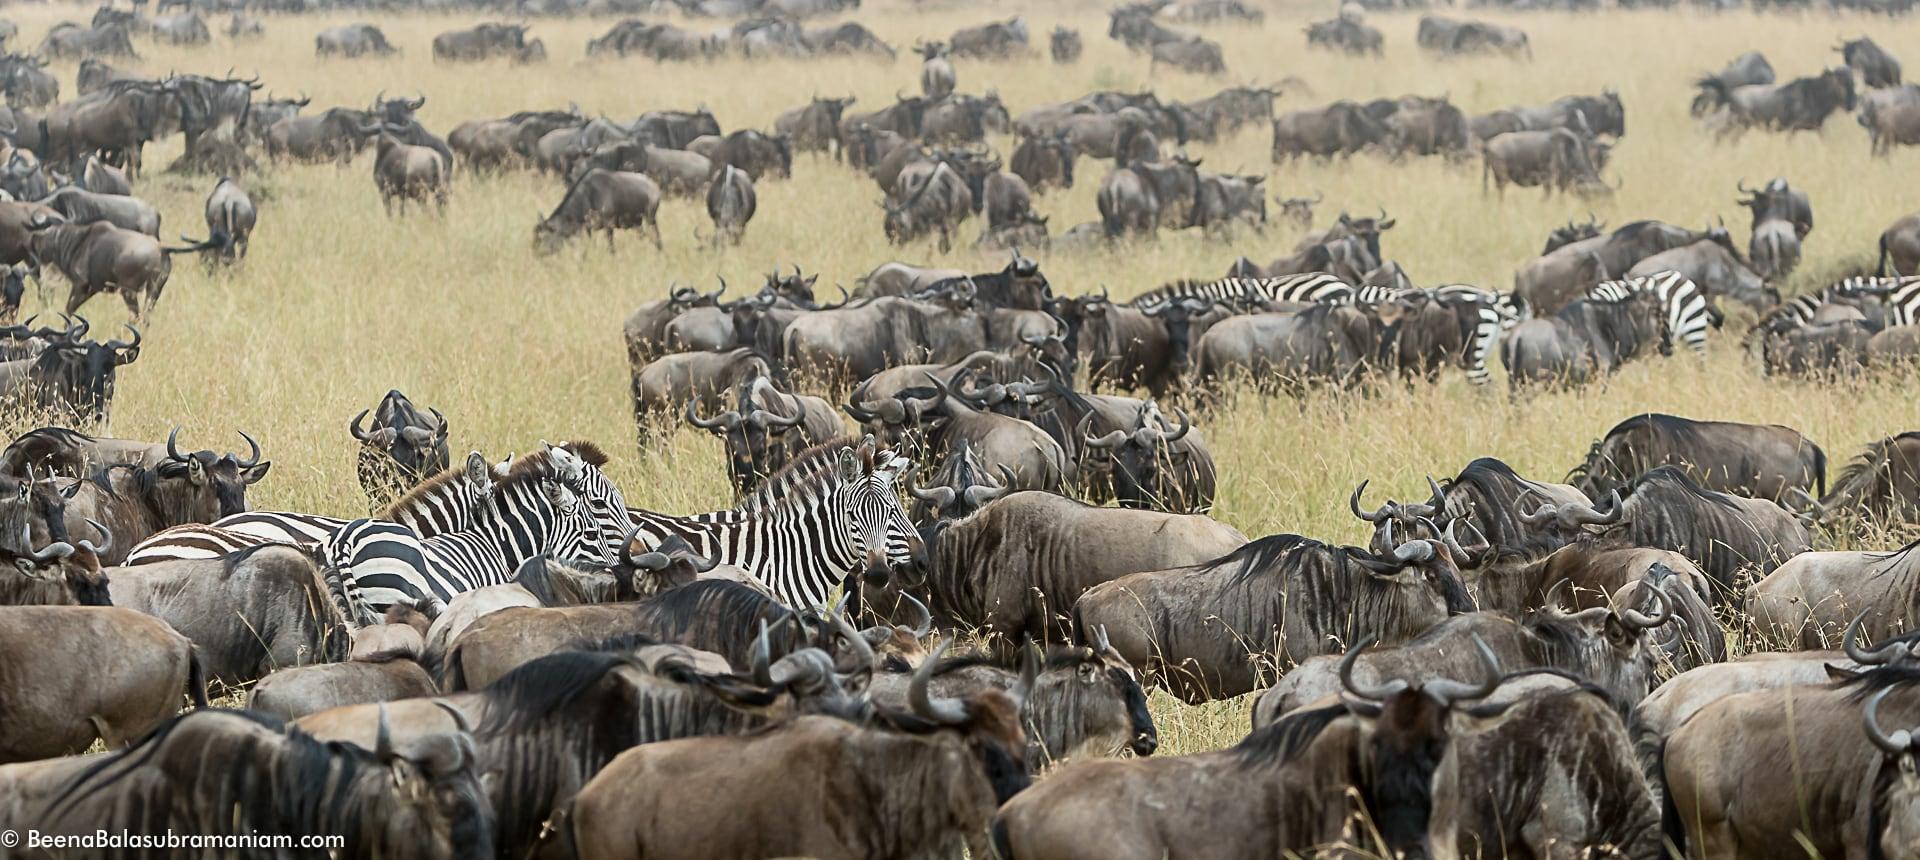 The mega herds at the Bologonja plains